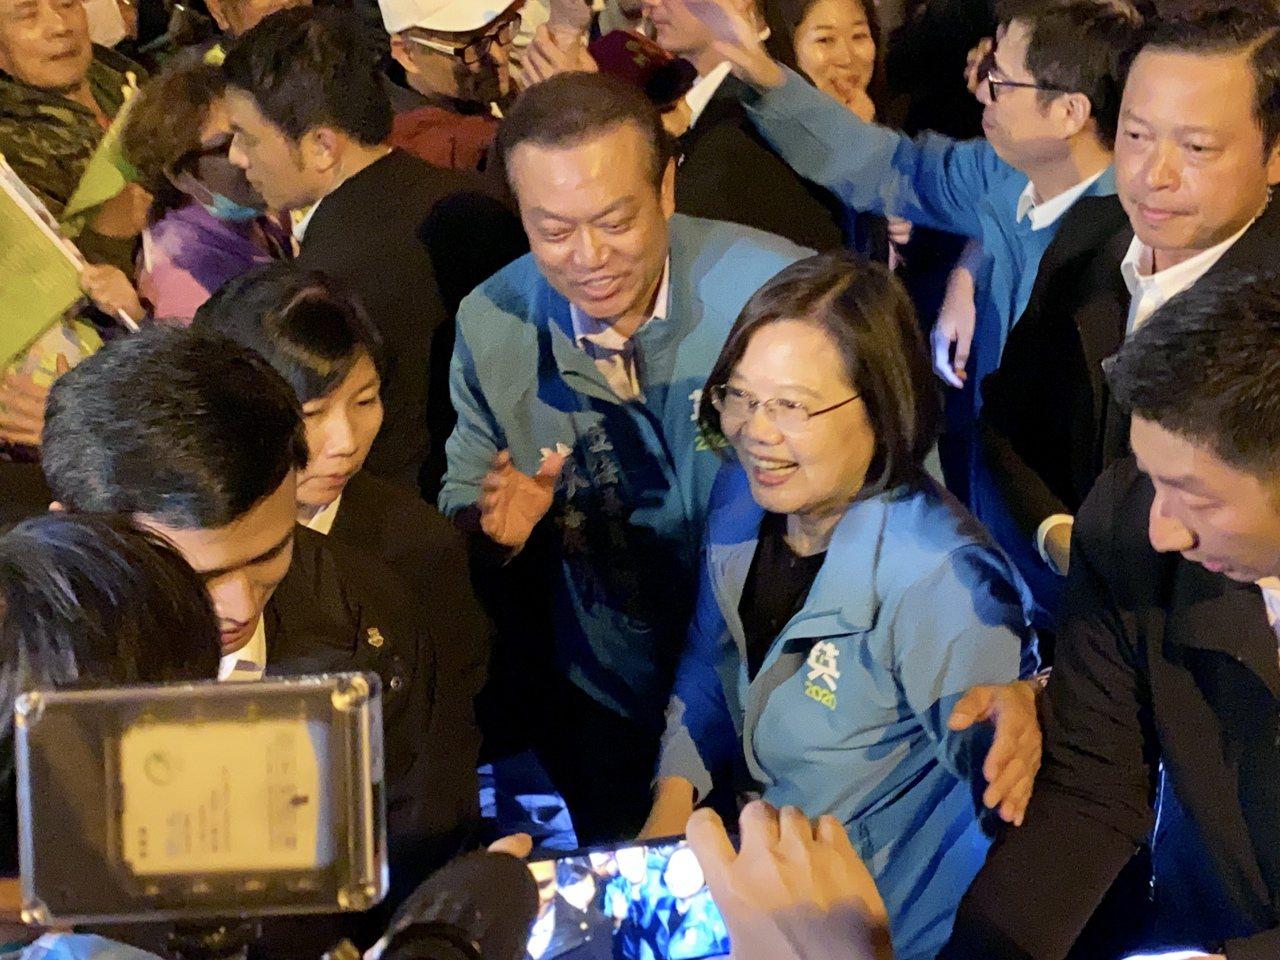 蔡英文總統大進場花了近20分鐘才上台。記者江國豪/攝影